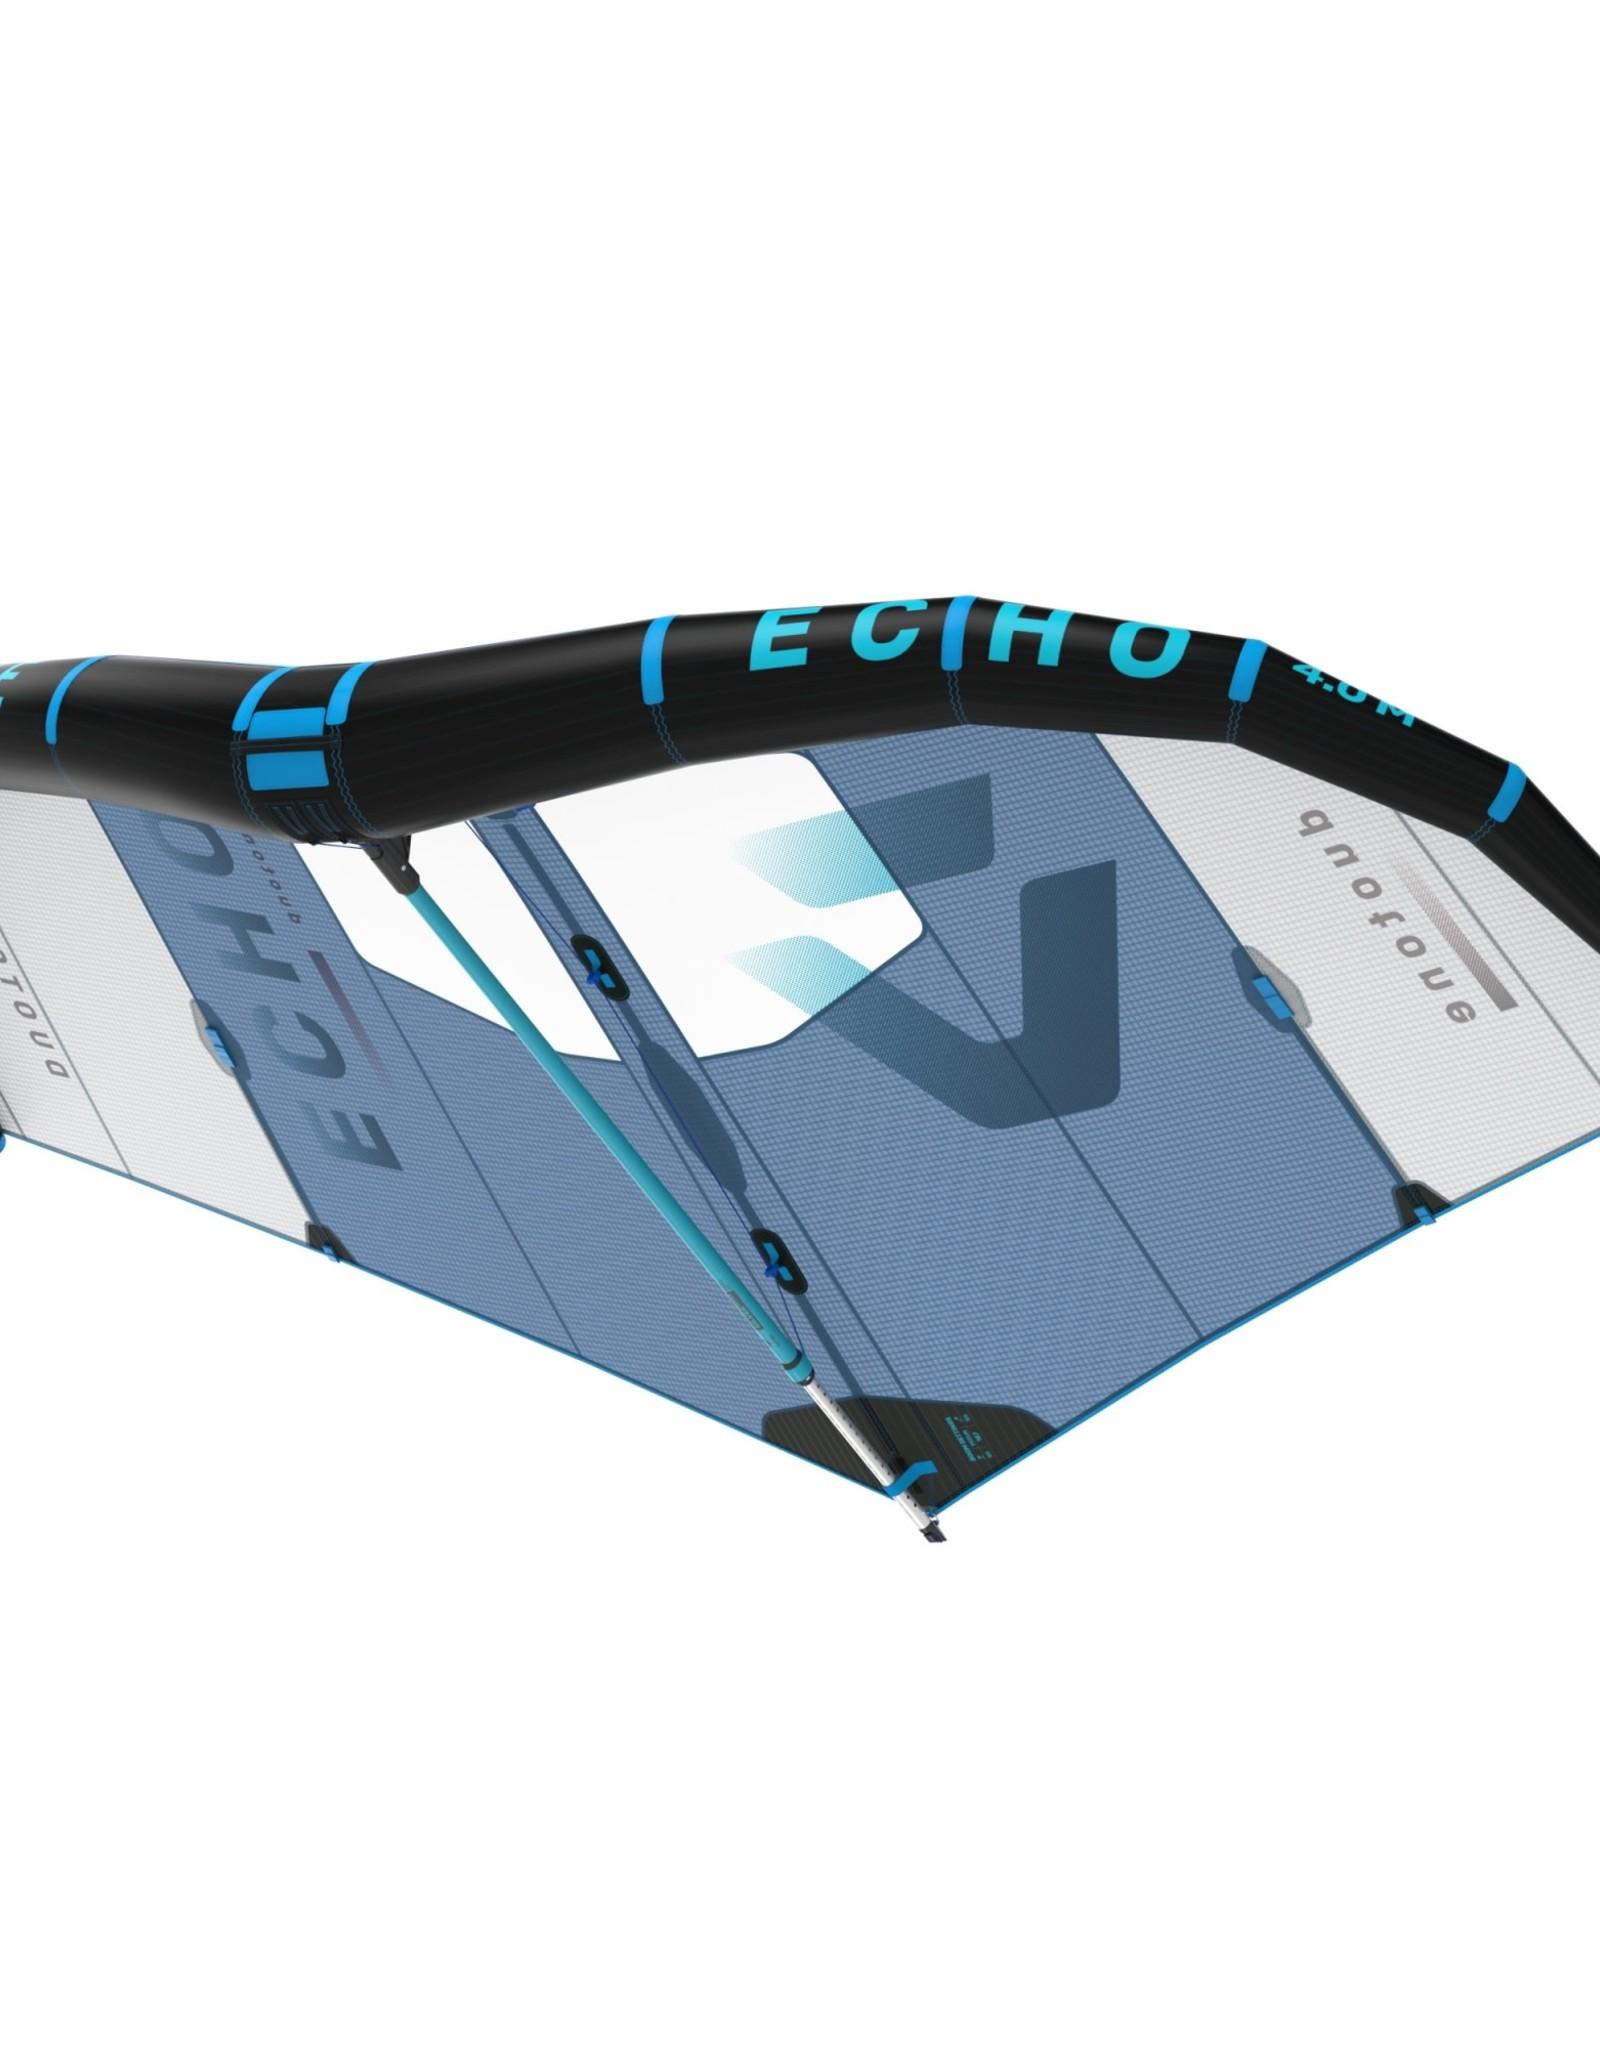 Duotone Duotone ECHO 7m grey/blue